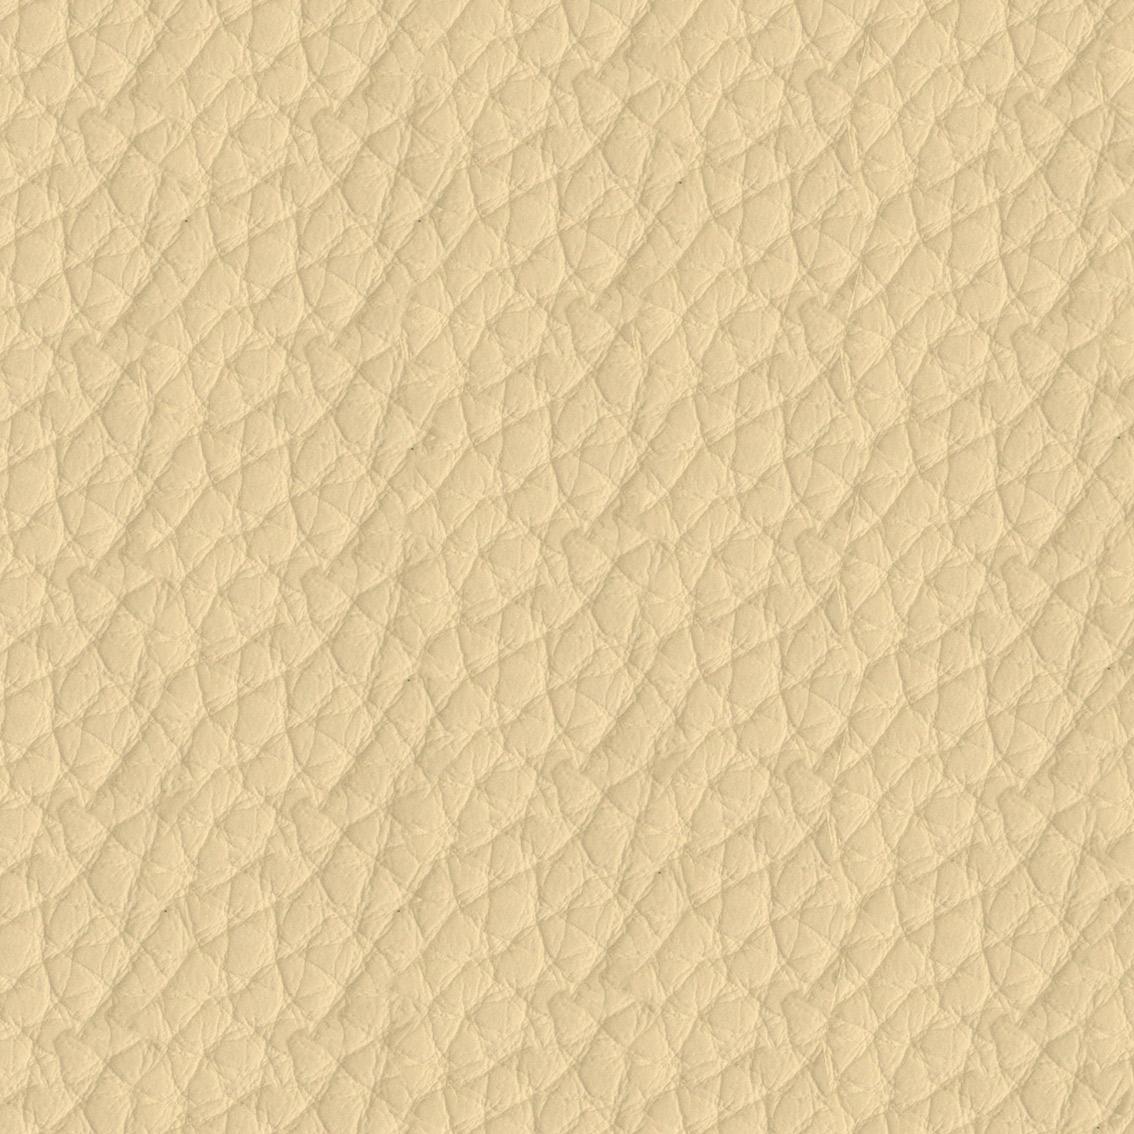 Коллекция ткани Aurora 284 Alabastr Gleam,  купить ткань Кож зам для мебели Украина